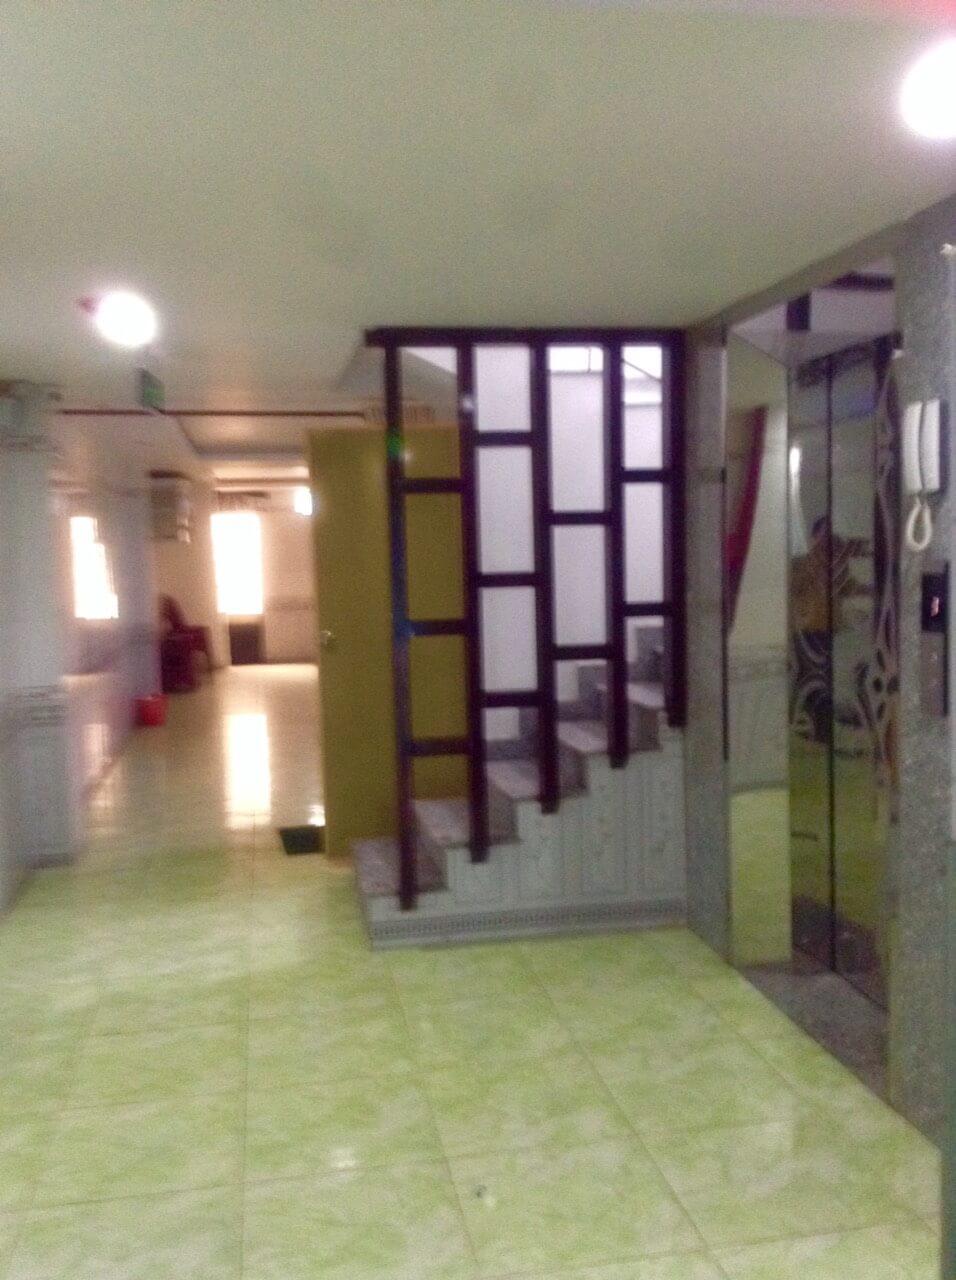 view sảnh căn hộ Thủy Sơn 5 - Hòa Hải - Ngũ Hành Sơn - Đà Nẵng